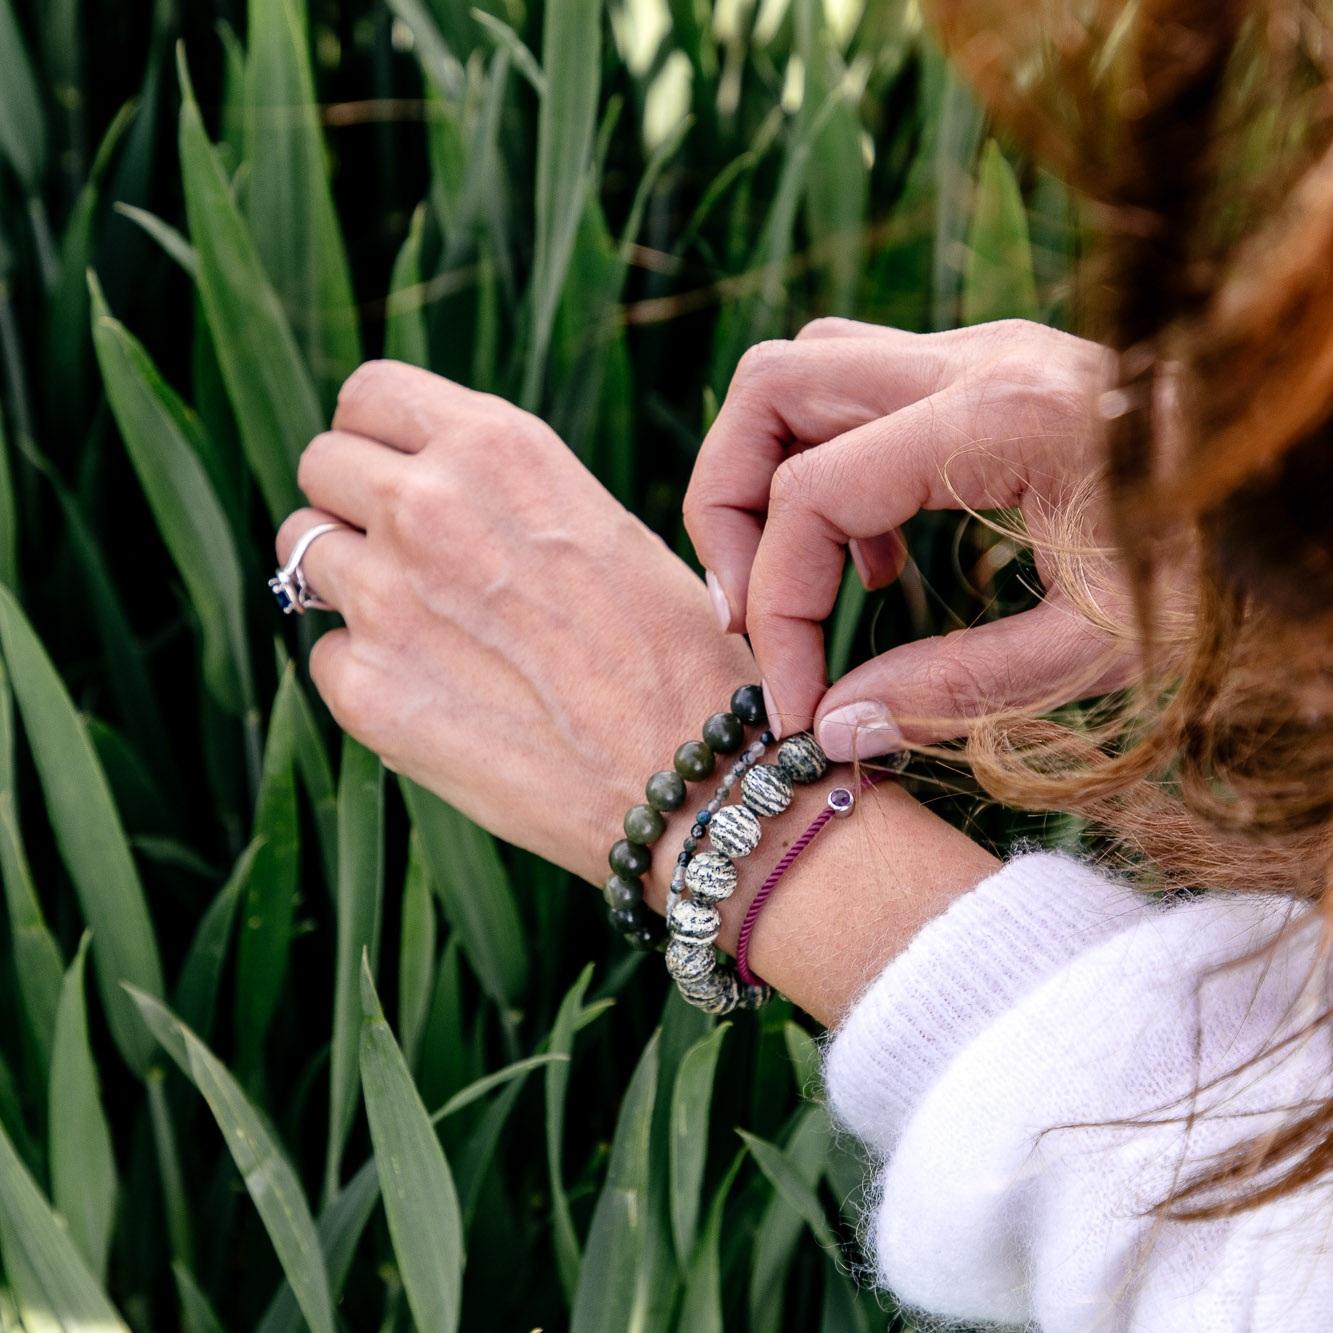 Le bracelet, tel un talisman, permet d'intégrer des symboliques visuelles de façon plus permanente et selon l'humeur du jour. -